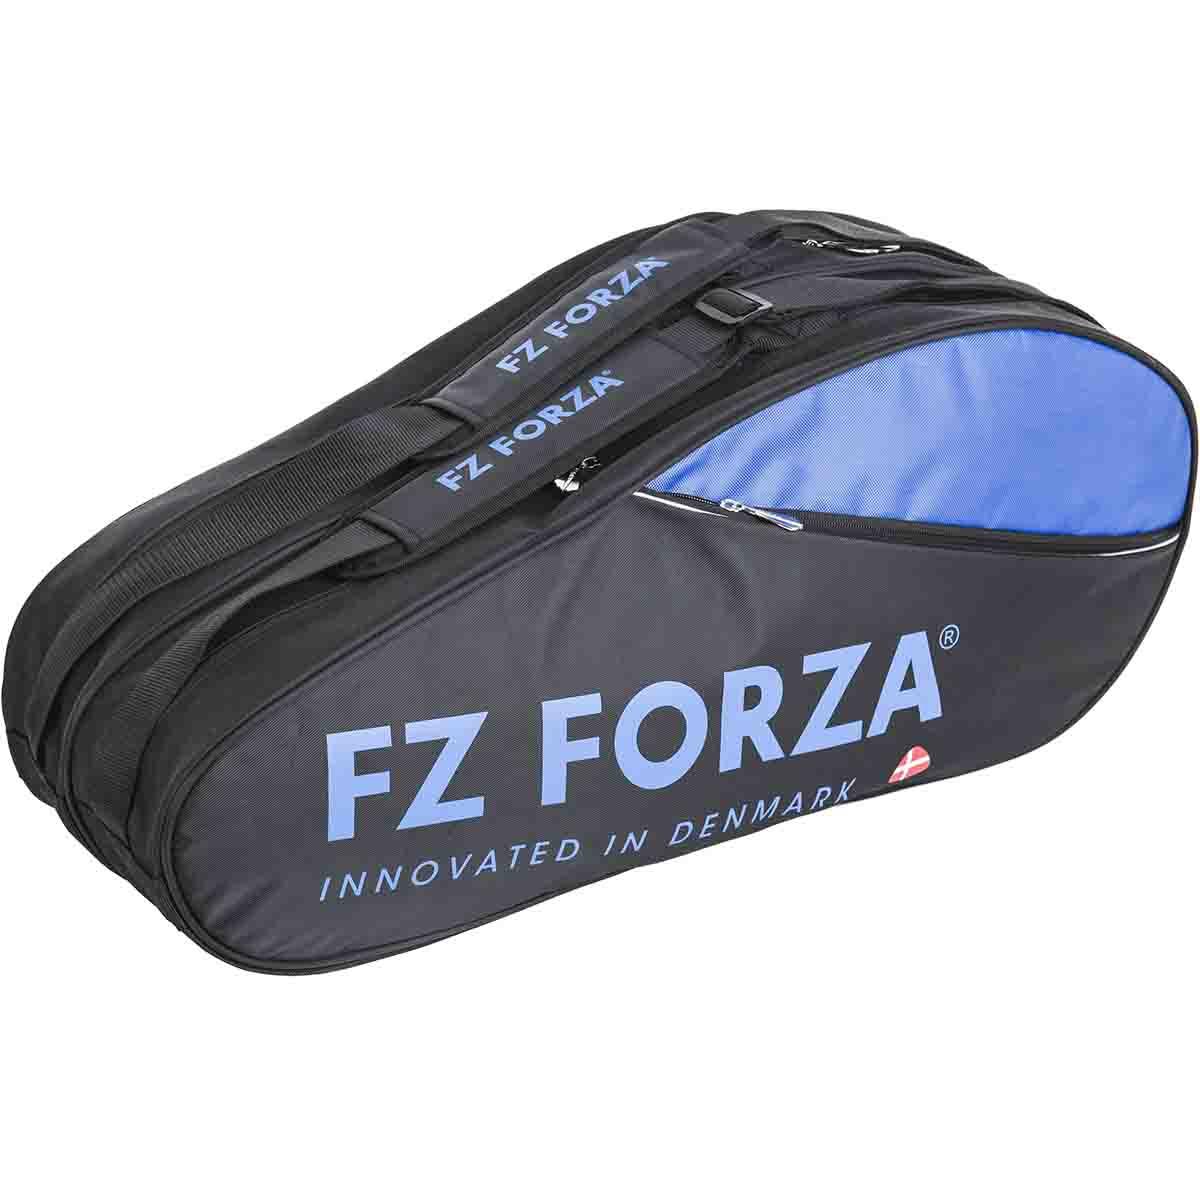 FZ ARK RACKET BAG - 6pcs